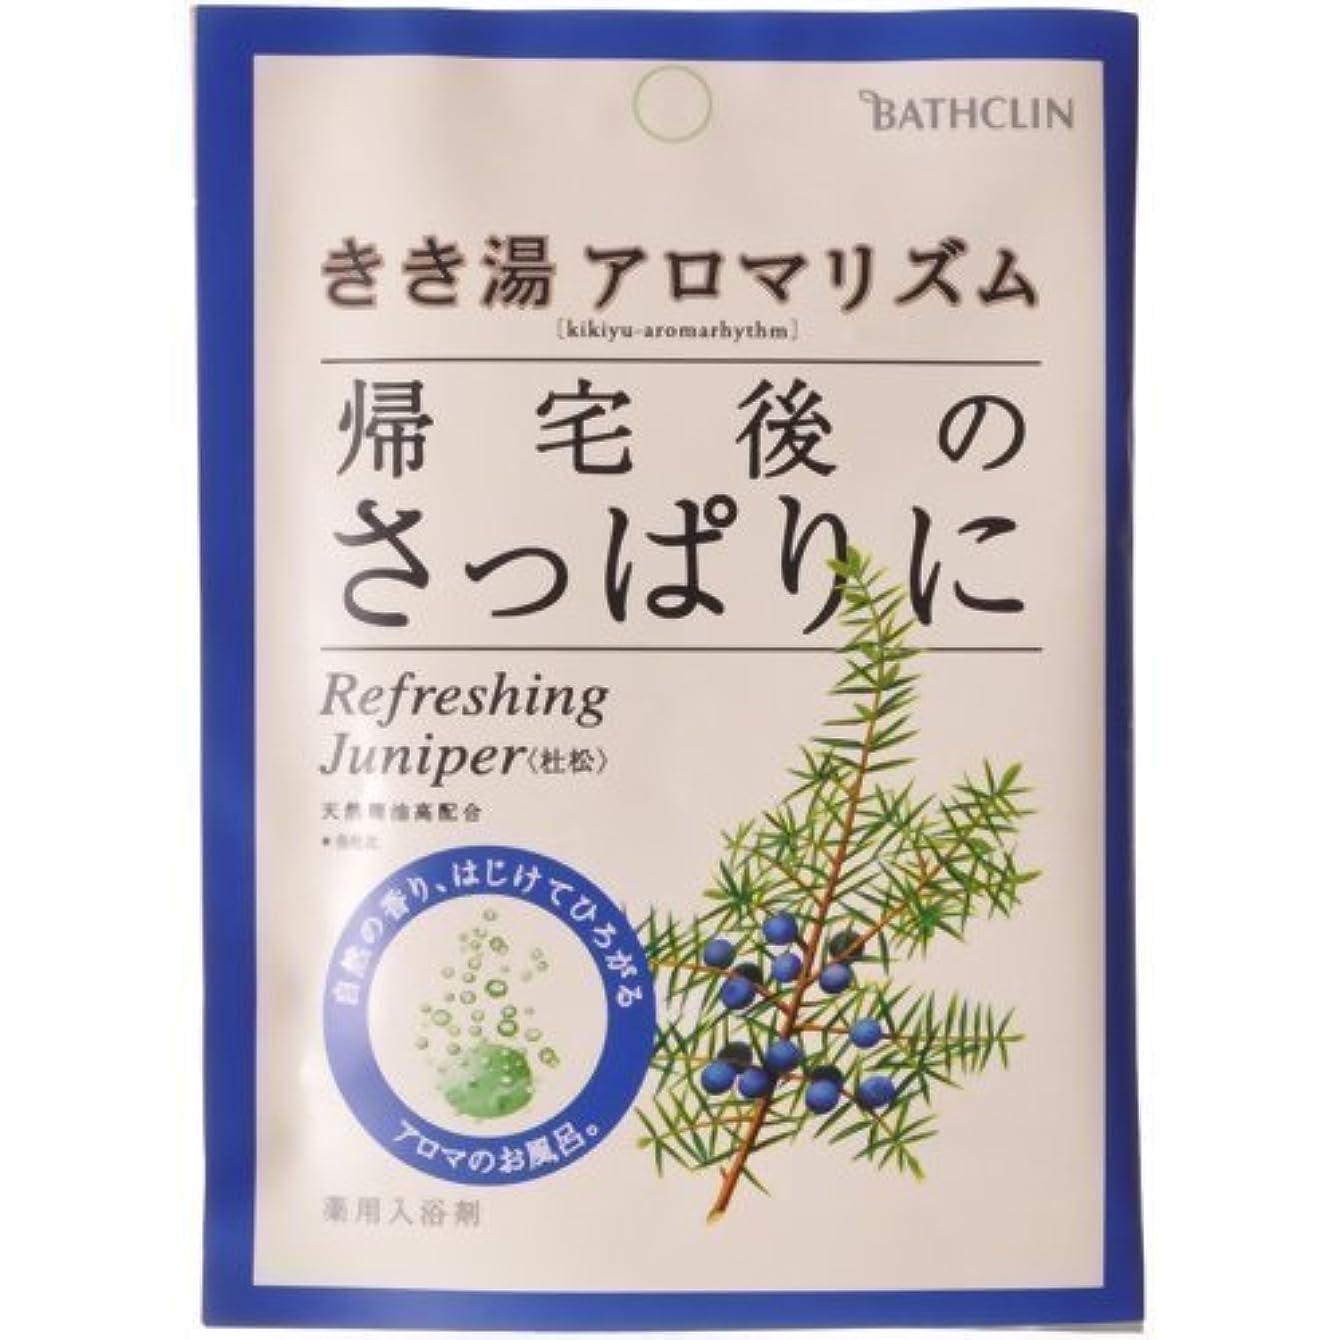 人類分割背の高いきき湯 アロマリズム リフレッシュジュニパーの香り 30g